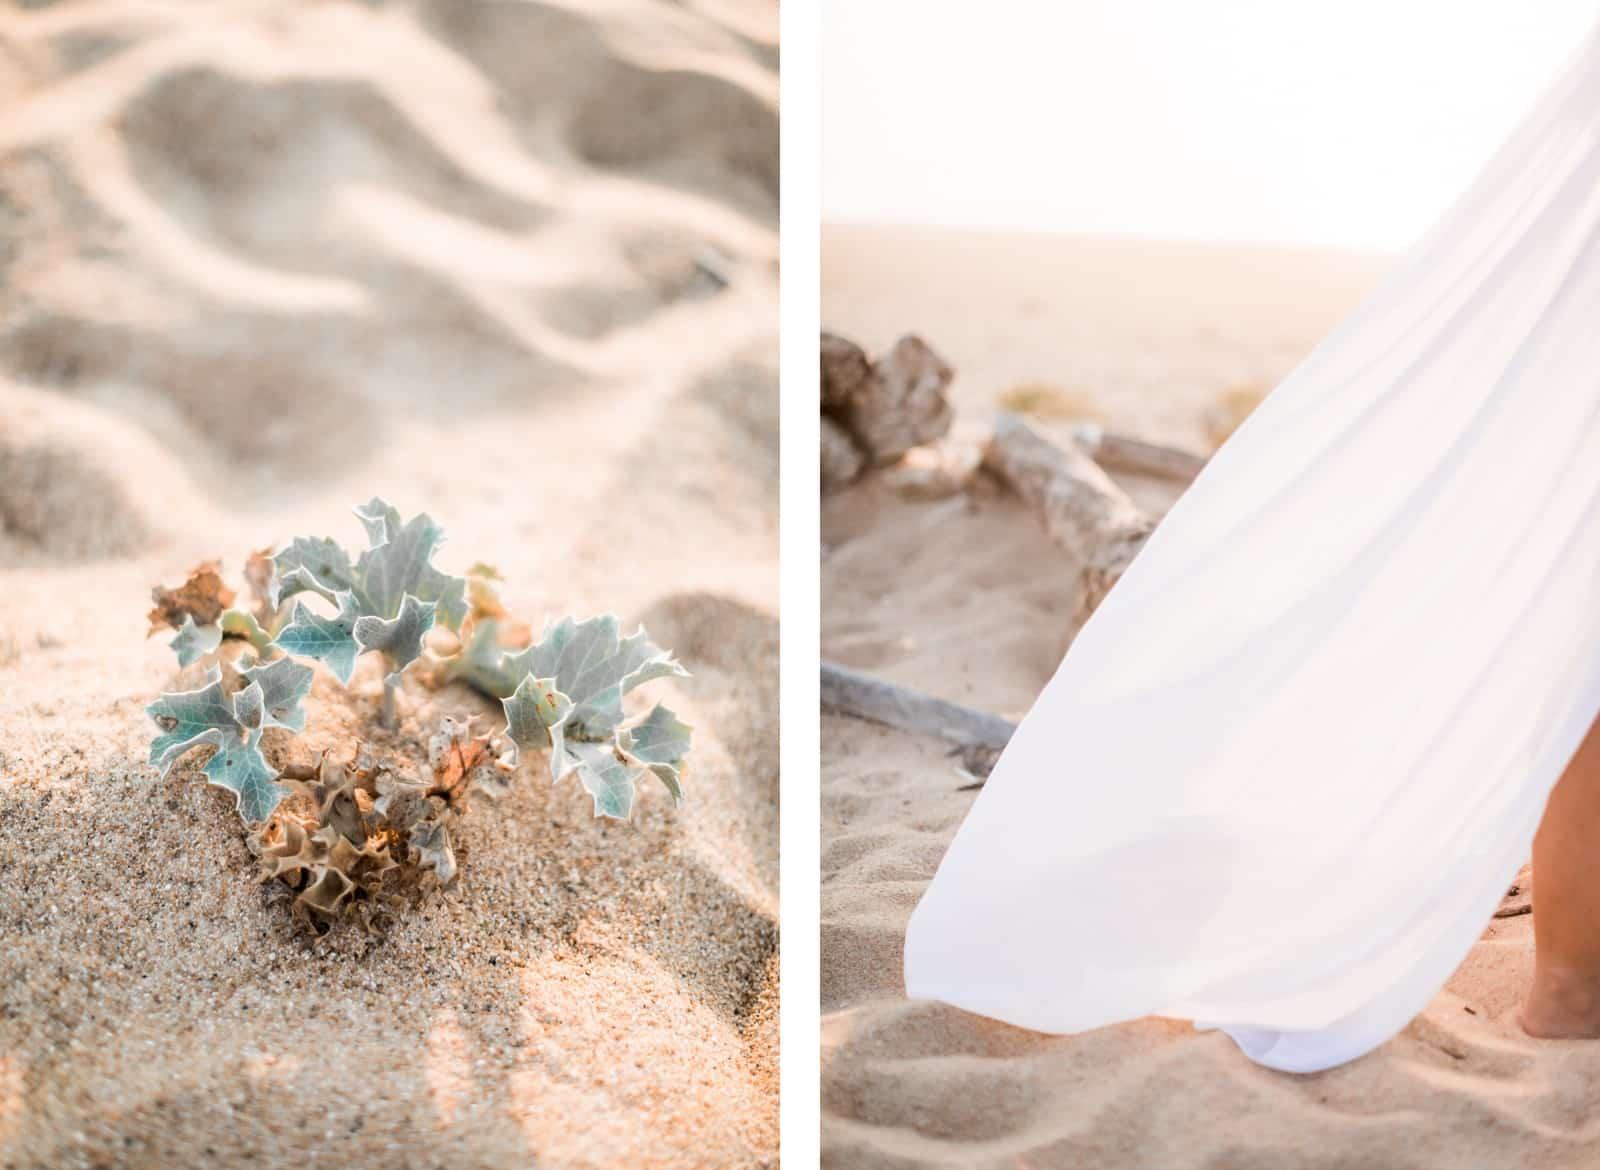 Photographie de Mathieu Dété, photographe de mariage et grossesse à Saint-Pierre de la Réunion 974, présentant des détails de la robe et de la plage lors d'une séance grossesse